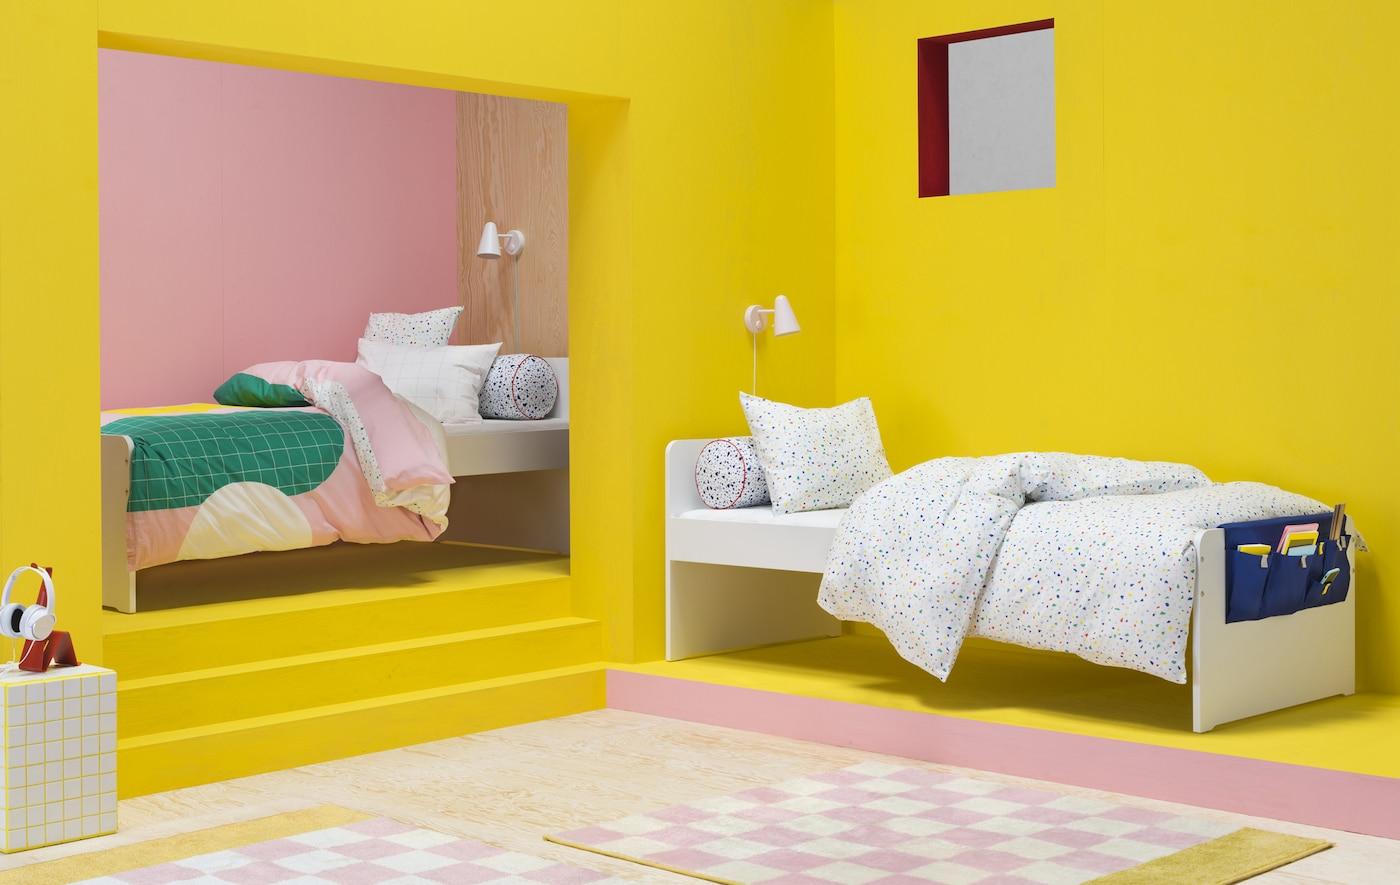 Ein rosafarbenes und gelbes Zimmer mit zwei Einzelbetten, auf denen farbenfrohe, grafische Bettwäsche zu sehen ist.